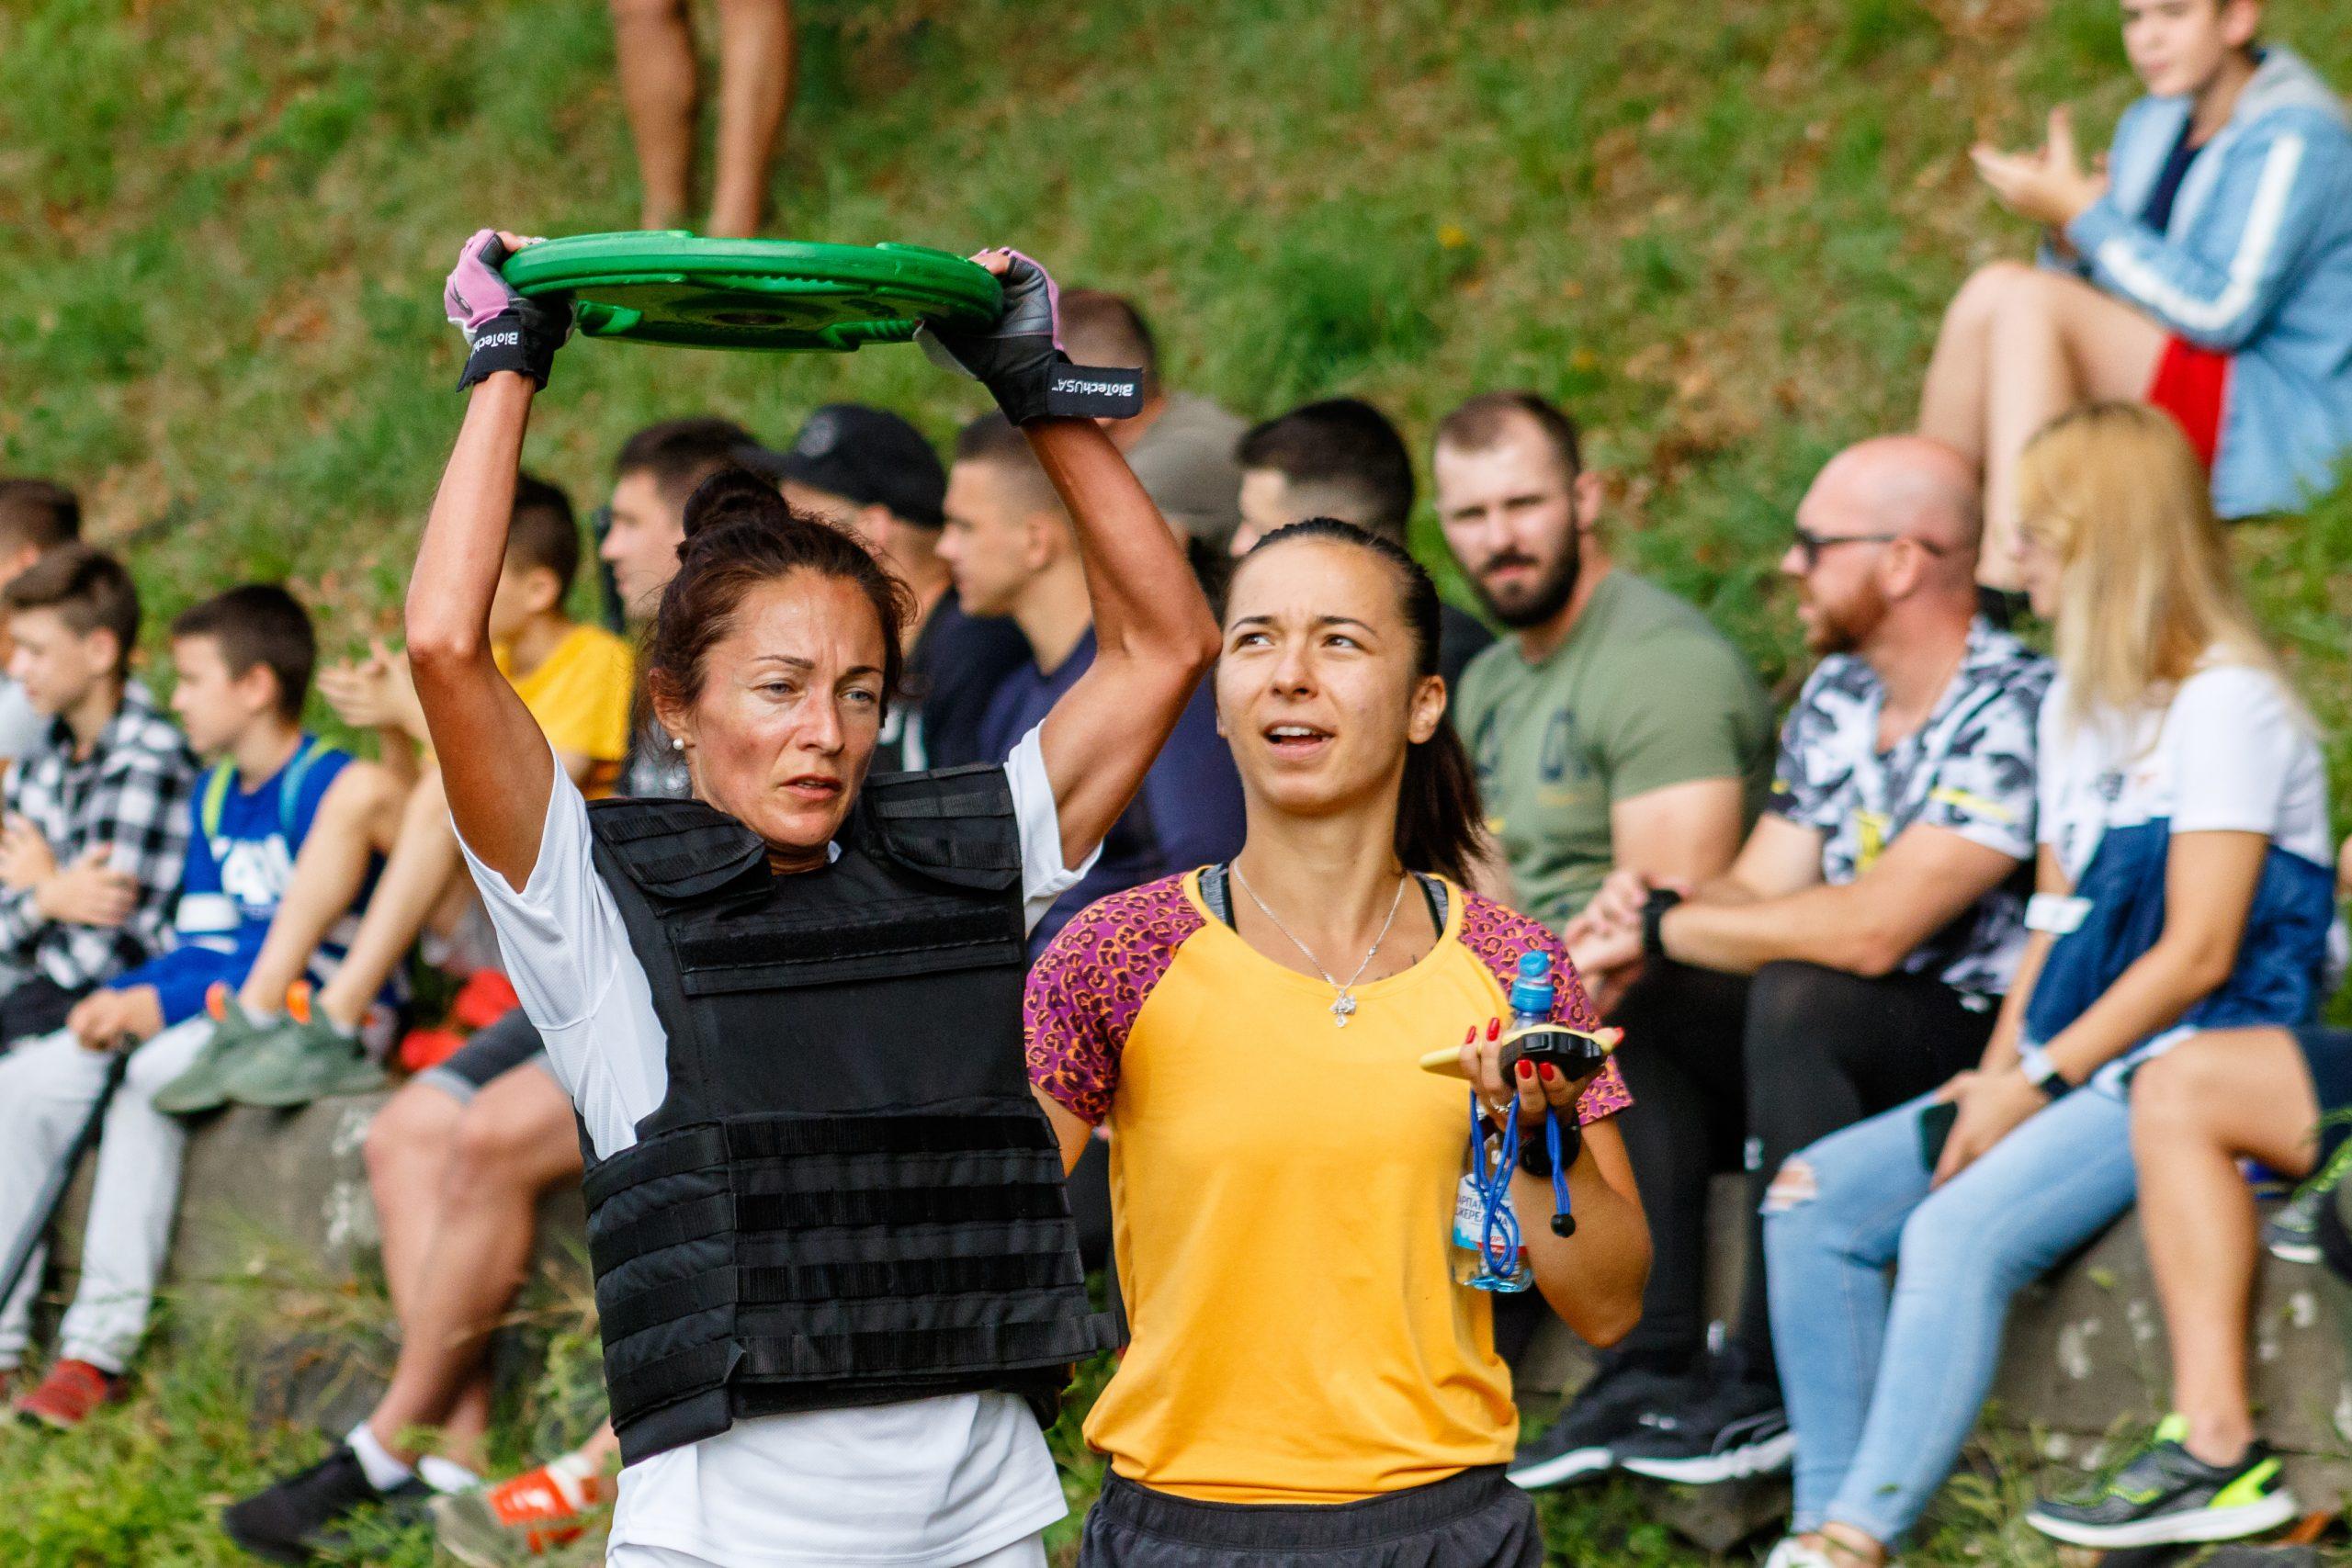 Mulher usando colete de peso participando de prova de crossfit.